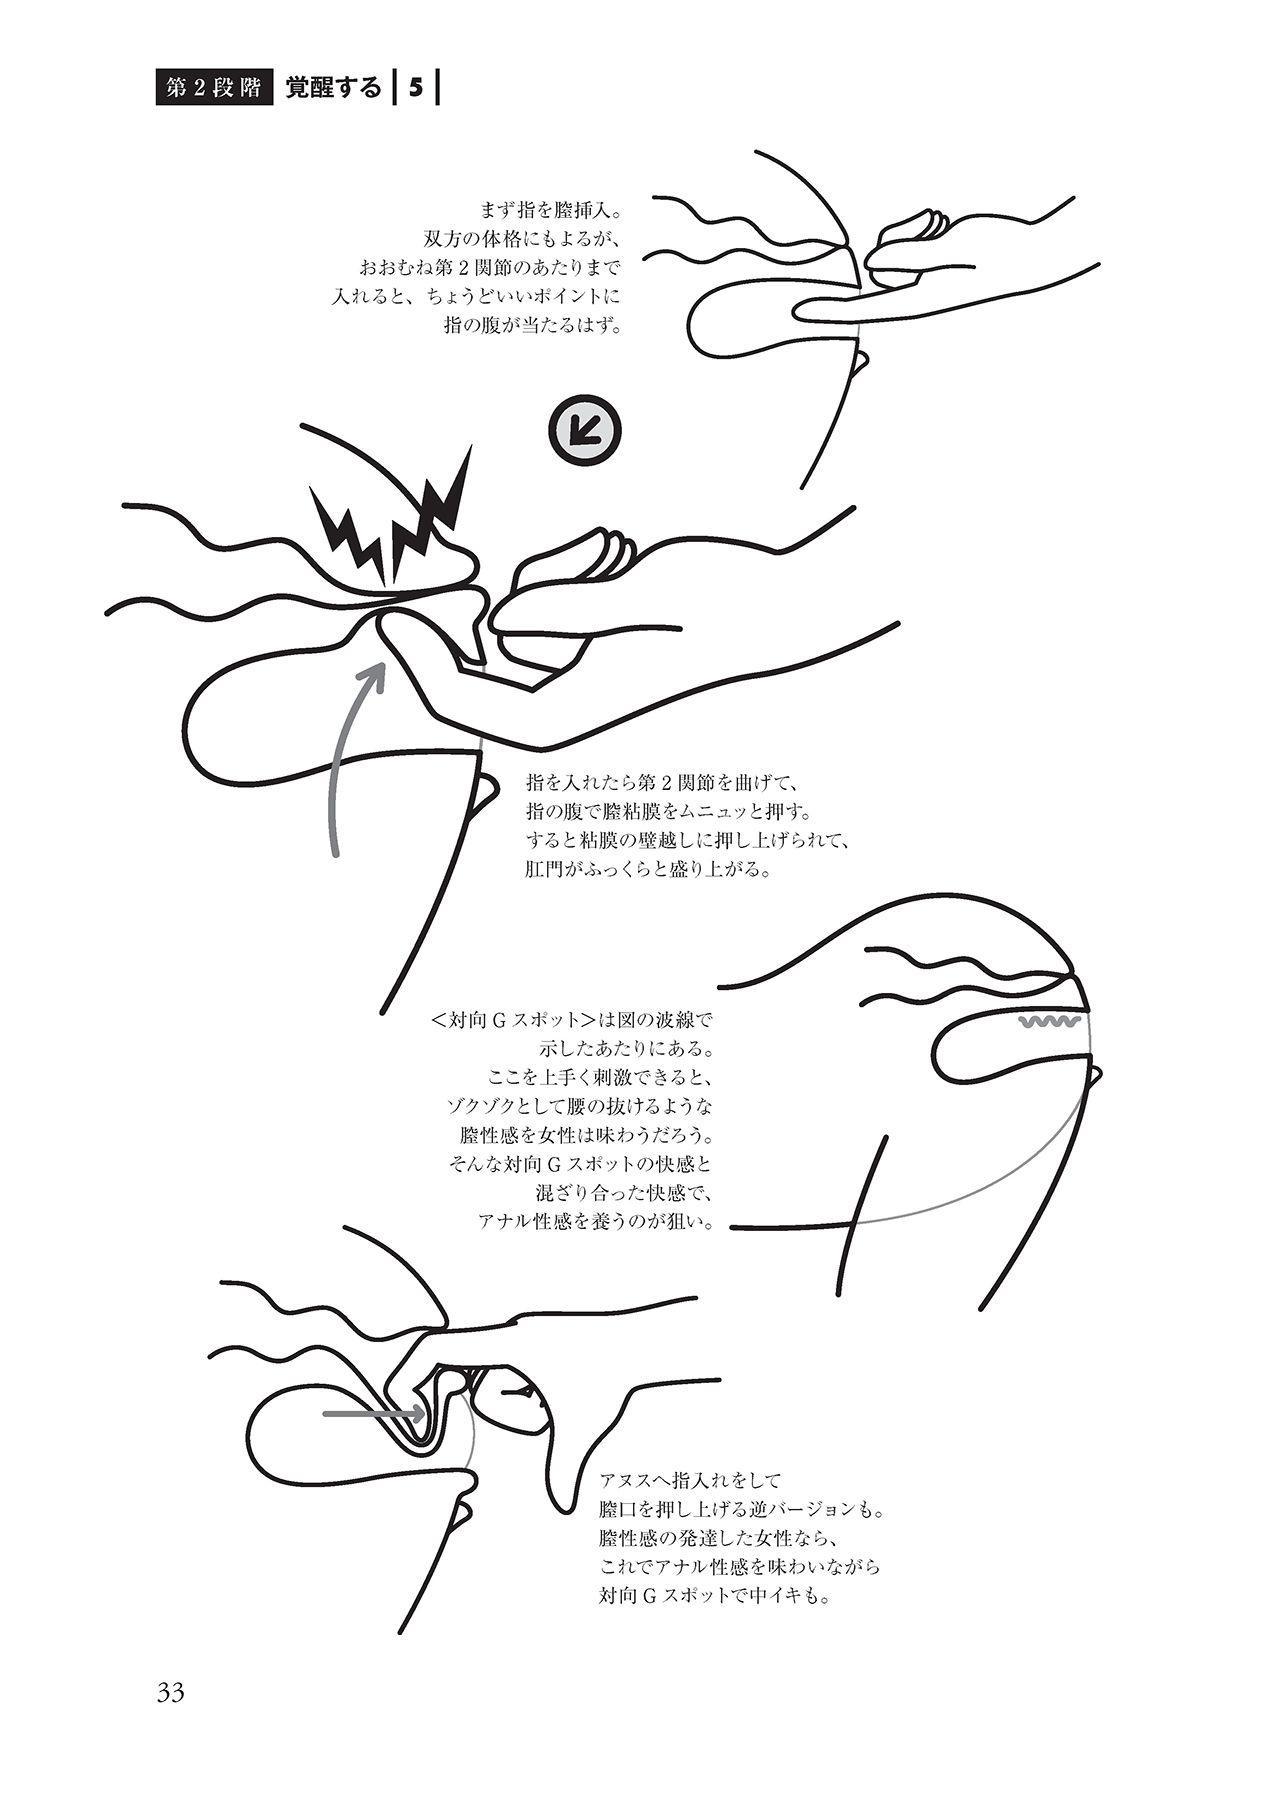 アナル性感開発・お尻エッチ 完全マニュアル 34